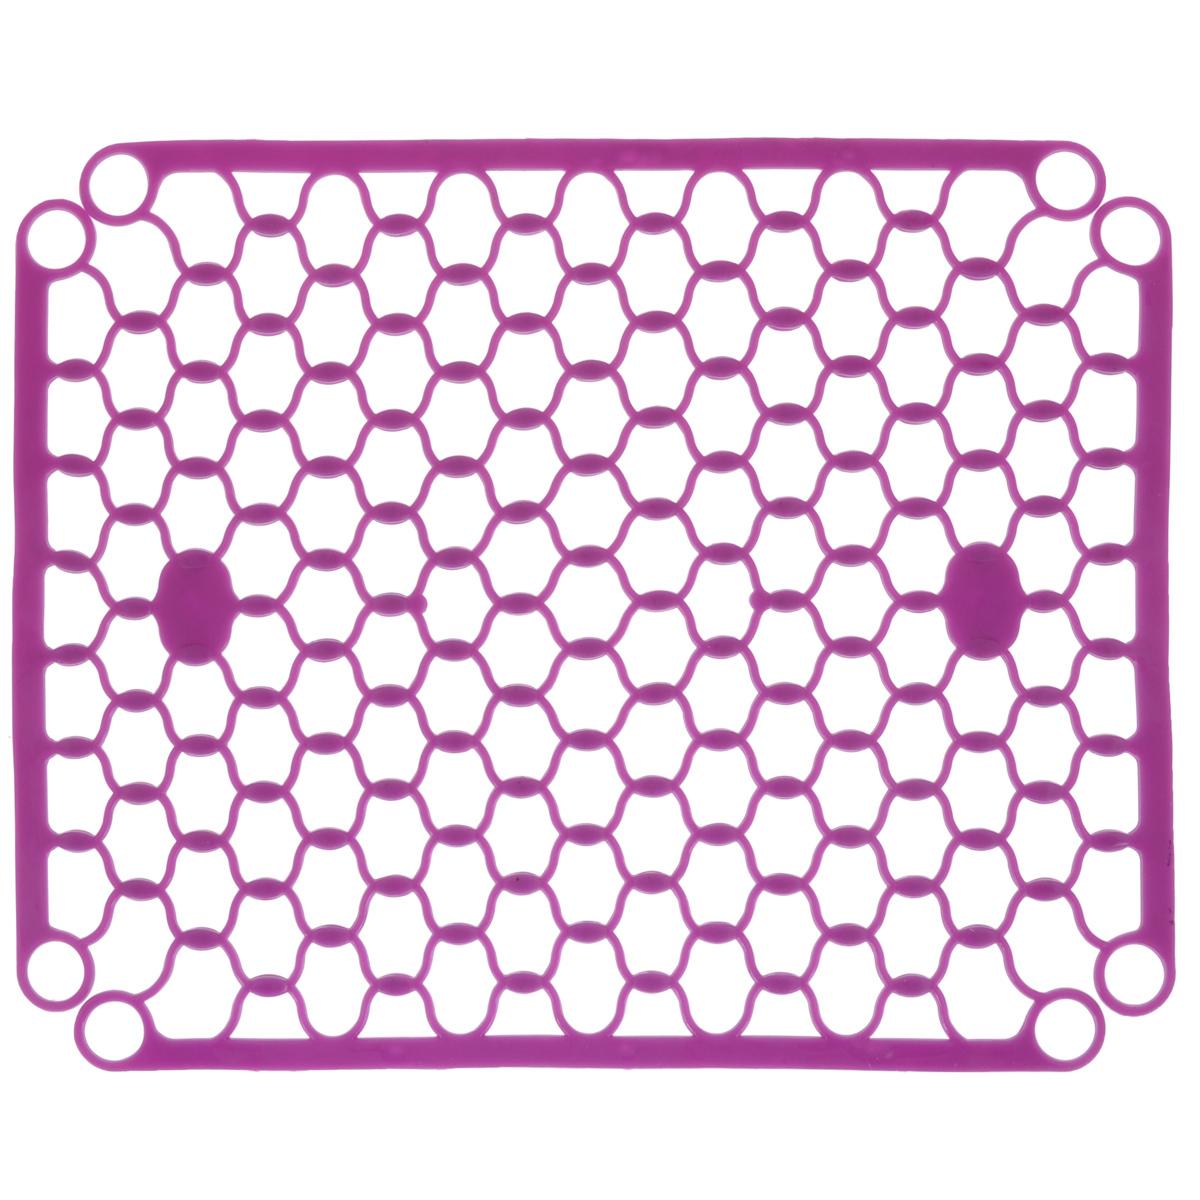 Коврик для раковины Хозяюшка Мила, цвет: сиреневый, 31 см х 24,5 см36055_сиреневыйСтильный и удобный коврик для раковины Хозяюшка Мила выполнен из силикона. Он одновременно выполняет несколько функций: украшает, предотвращает появление на раковине царапин и сколов, защищает посуду от повреждений при падении в раковину, удерживает мусор, попадание которого в слив приводит к засорам. Изделие также обладает противоскользящим эффектом и может использоваться в качестве подставки для сушки чистой посуды. Легко очищается от грязи и жира.